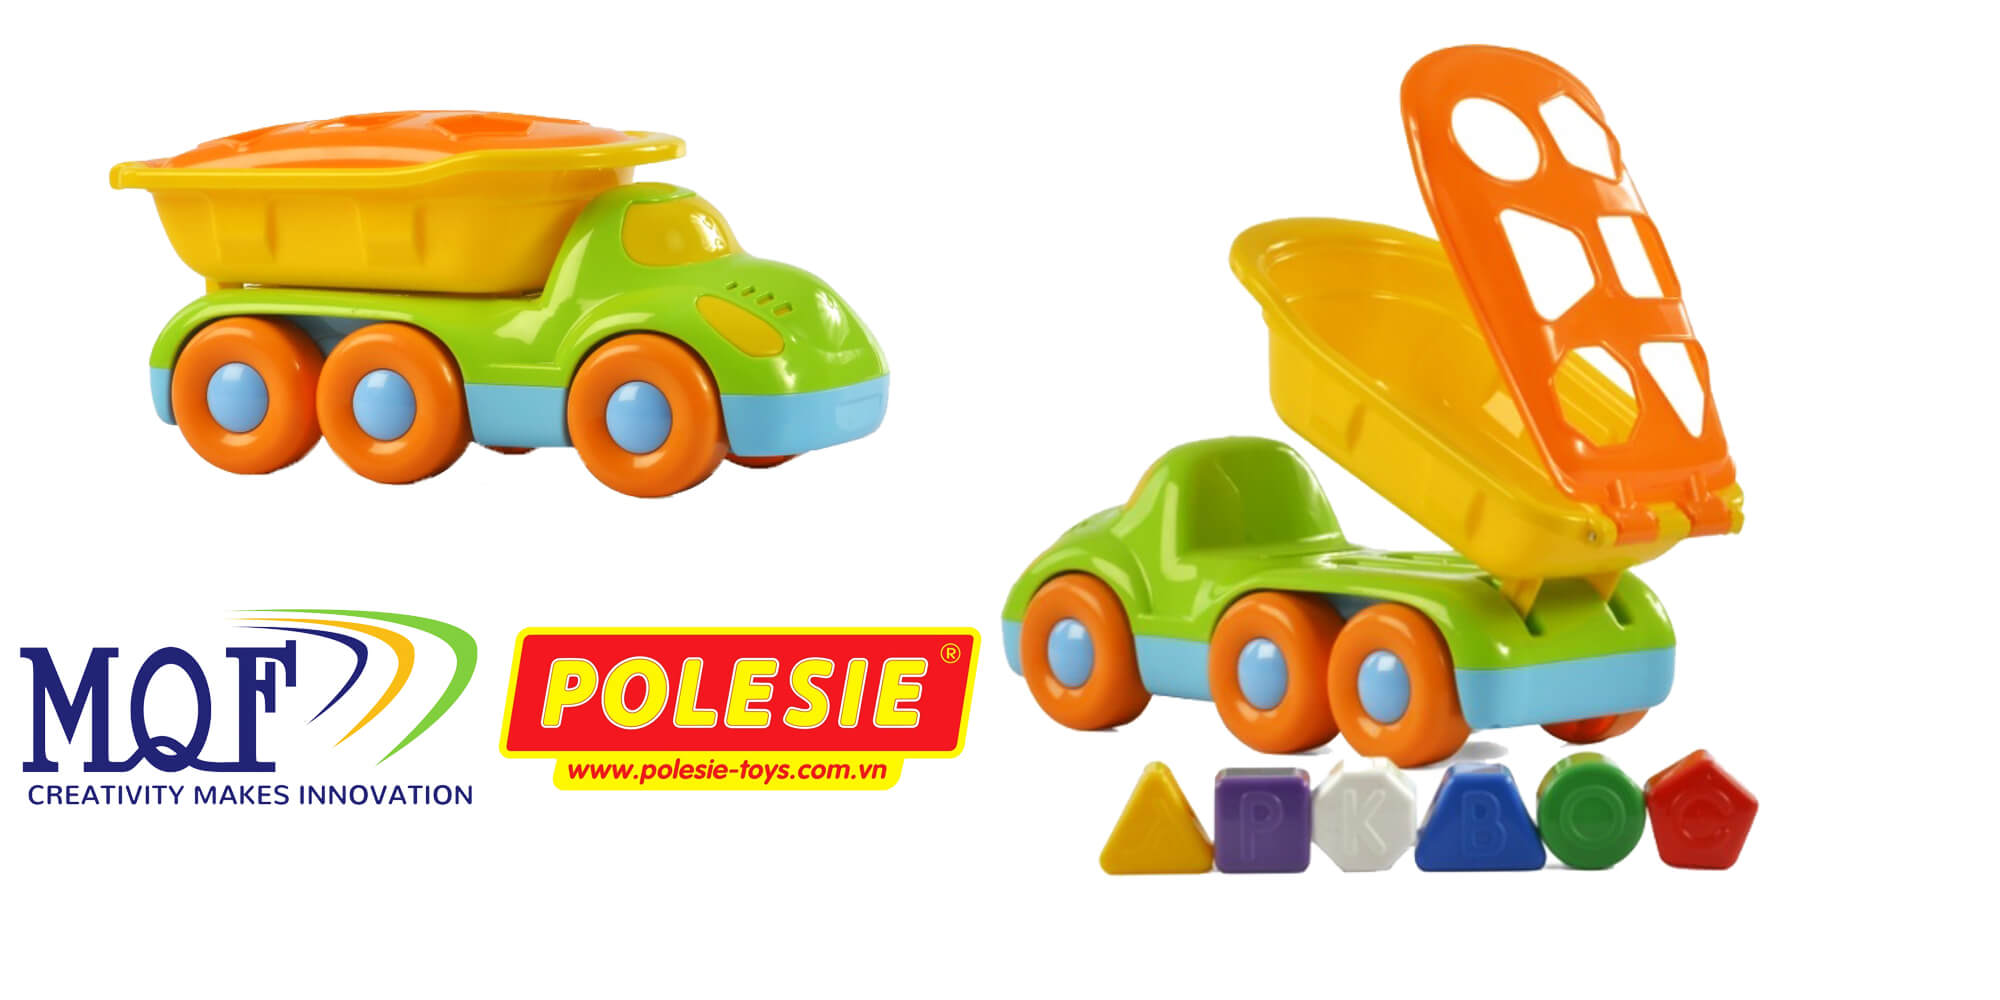 xe tải đồ chơi cho bé Buddy cùng bộ hình học tập Polesie